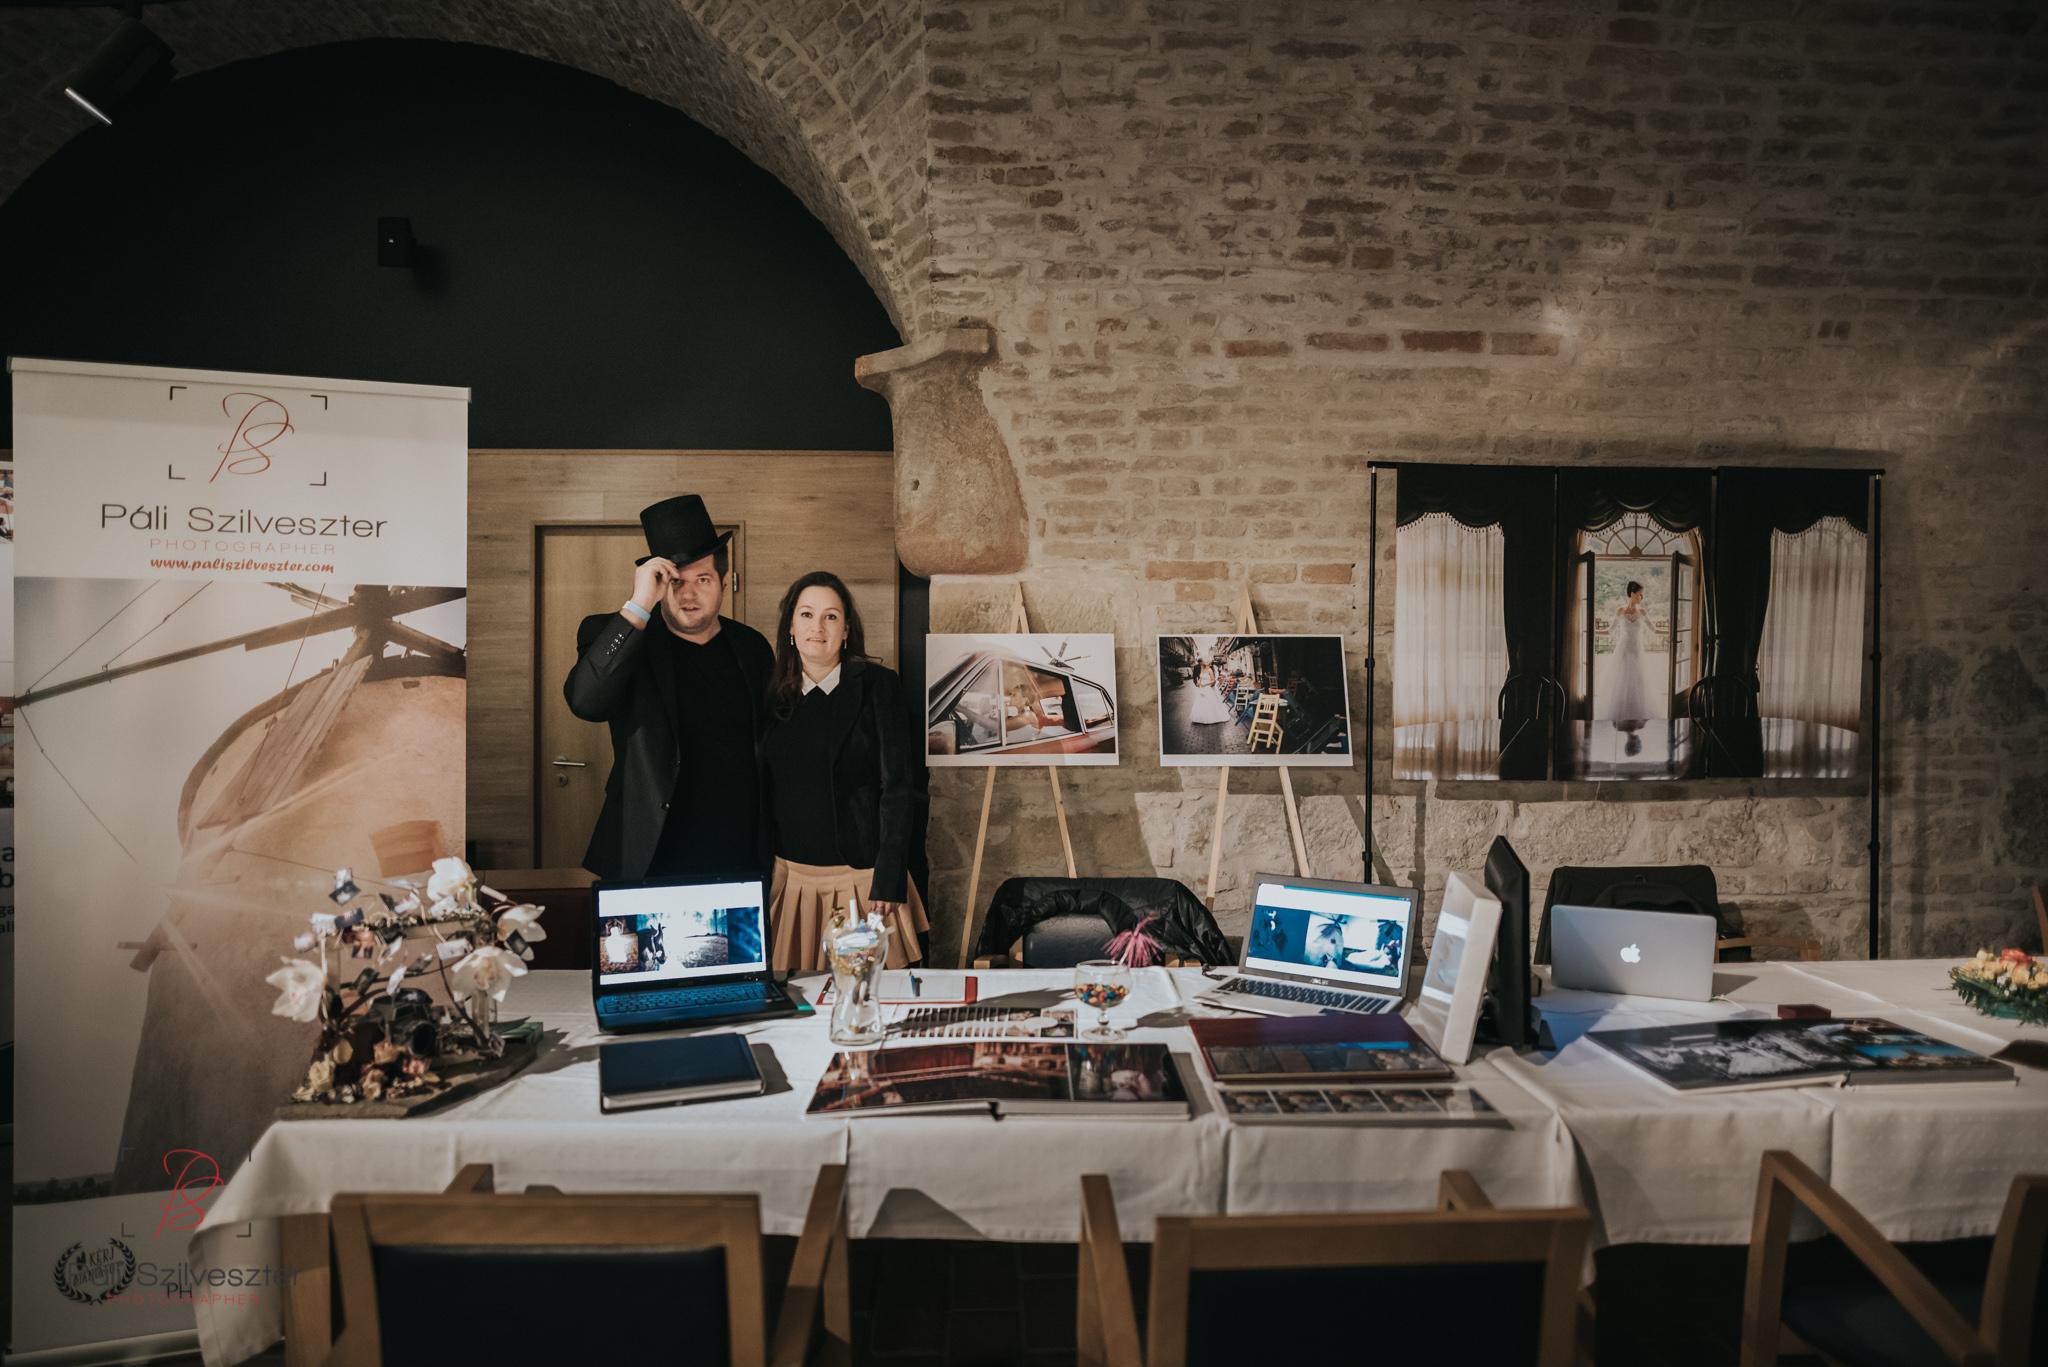 Páli-Szilveszter-székesfehérvári-esküvői-fotós-esztergom-prímás-pince-esüvőkiállítás-2016-01-23-70407.jpg